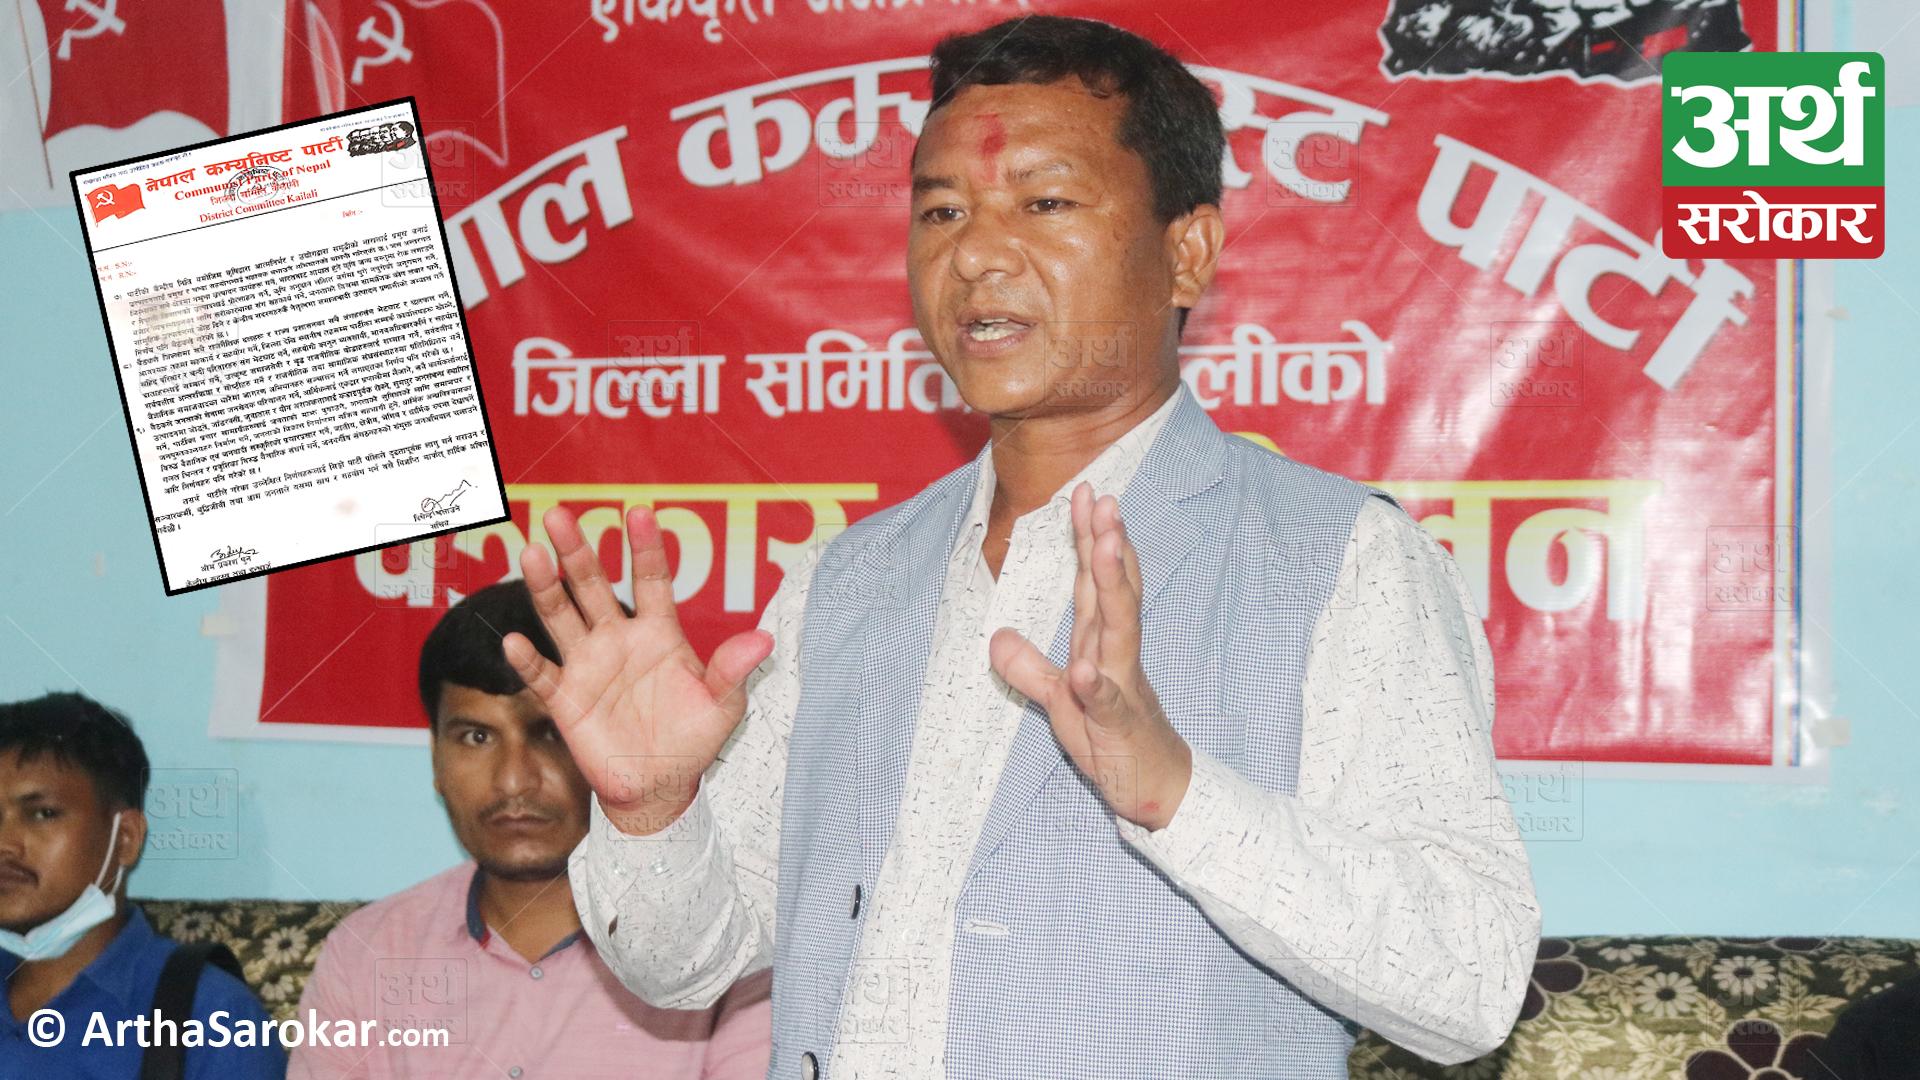 जनमत संग्रहबाट जनतालाई राज्यव्यवस्था चुन्ने अधिकार दिन्छौँः नेकपा नेता पुन